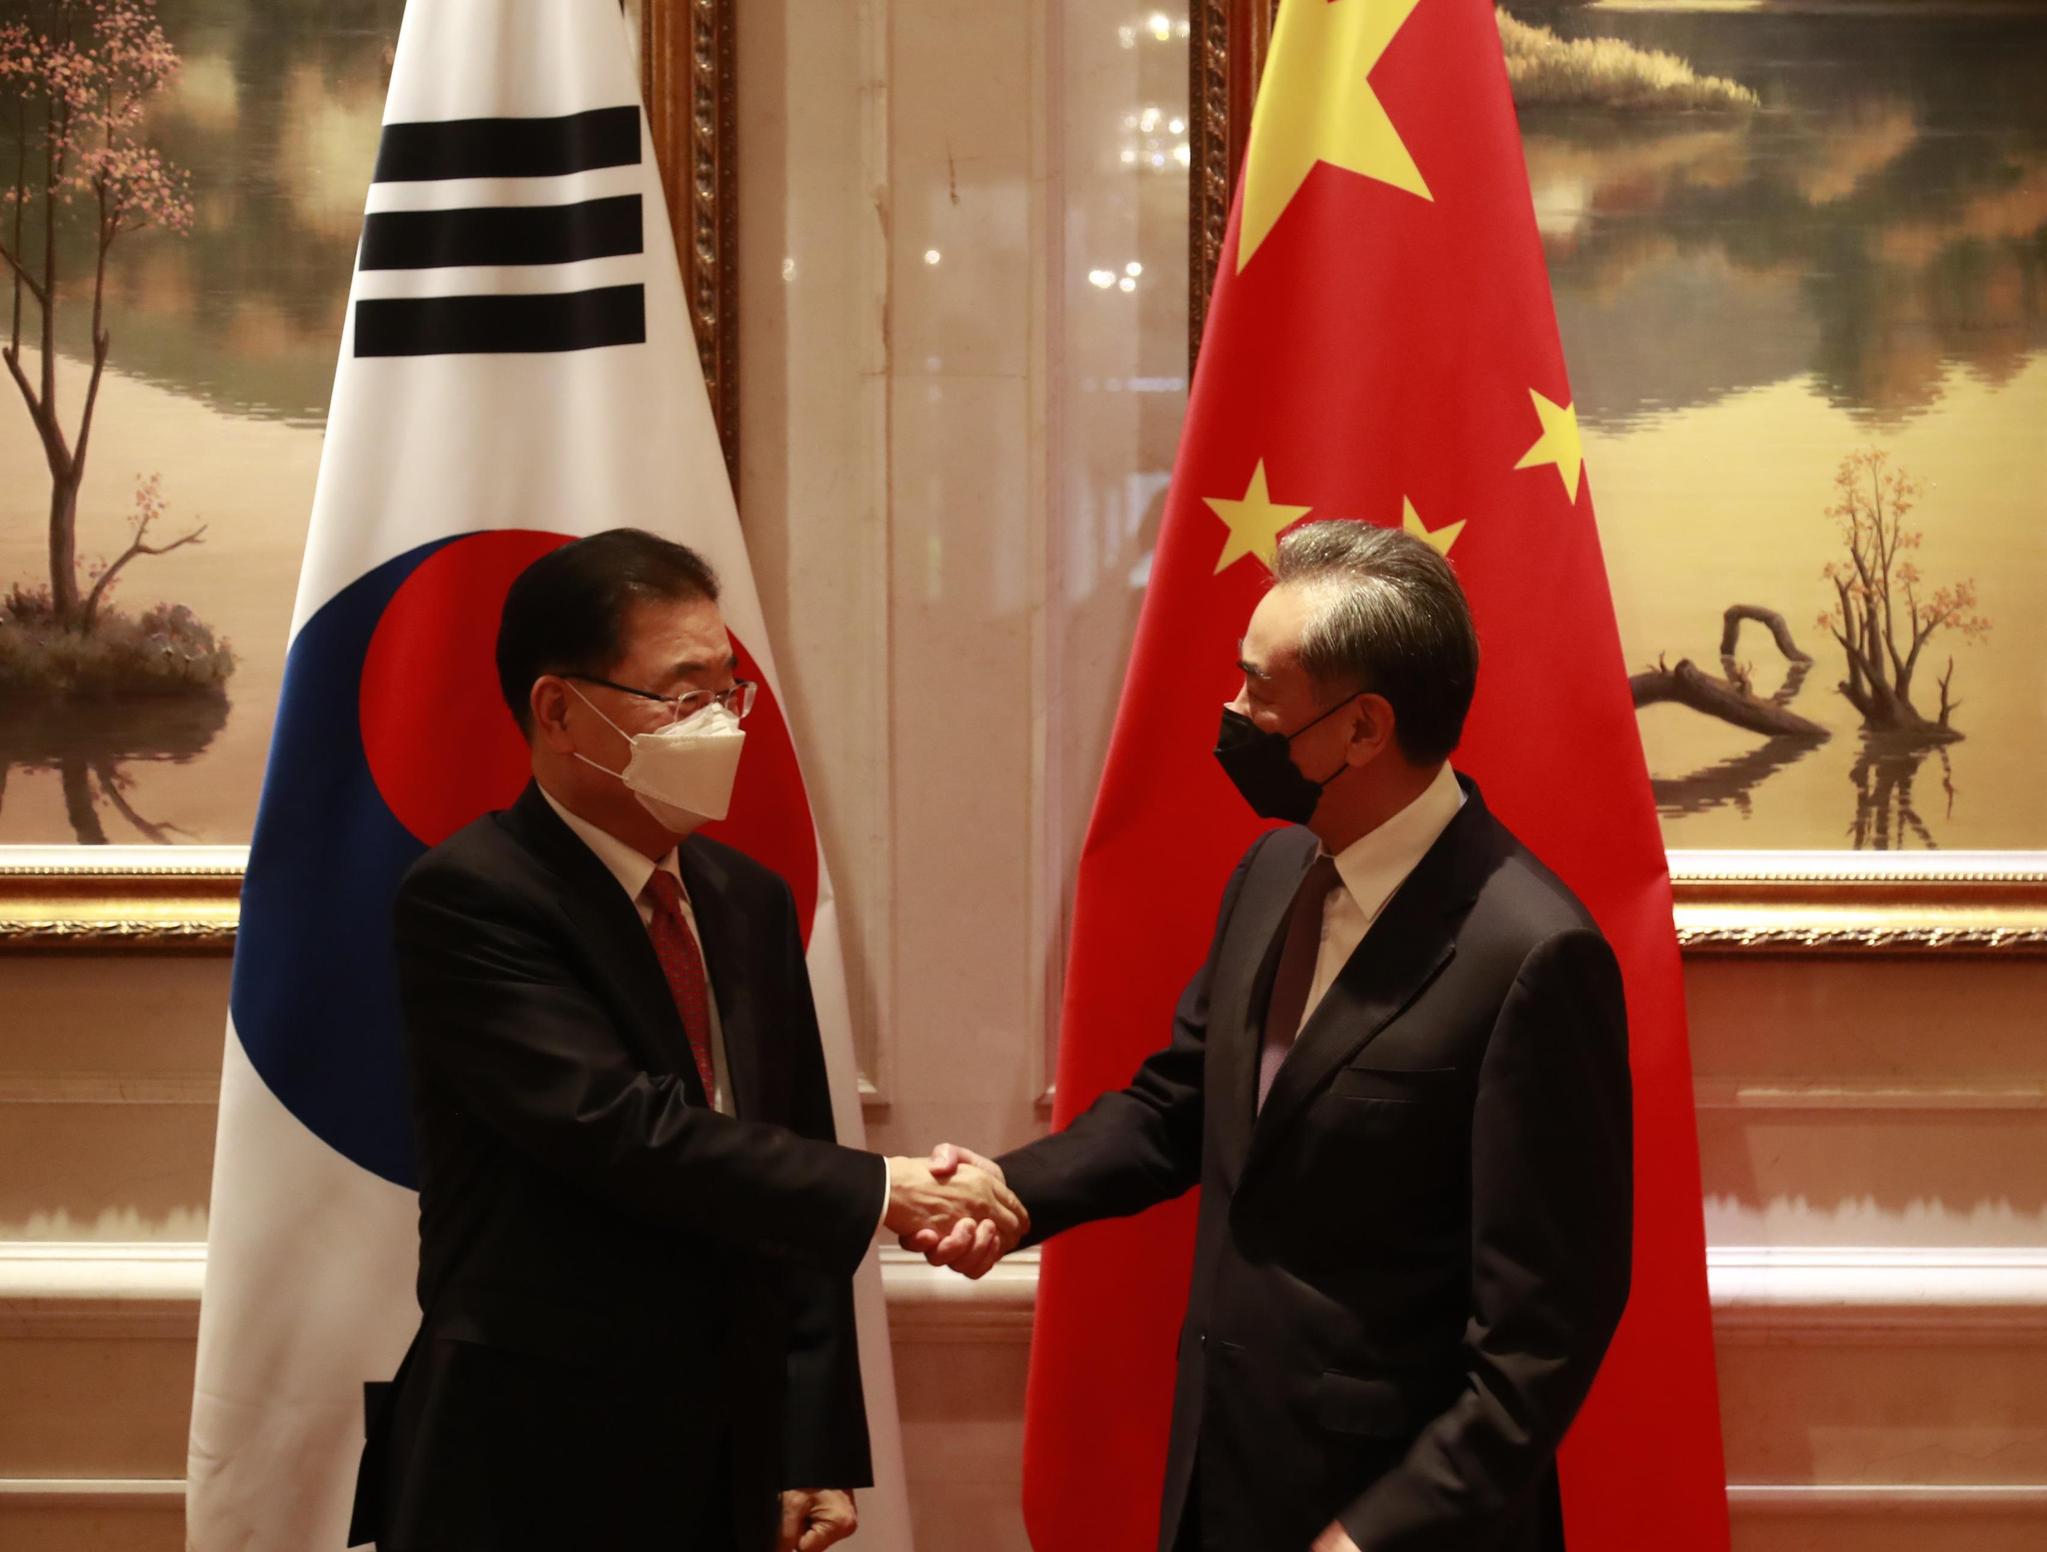 한중 외교 부장관, 시진핑 방한 재확인 … '대한민국 정부 철거'에 대한 중국의 원칙적 답변